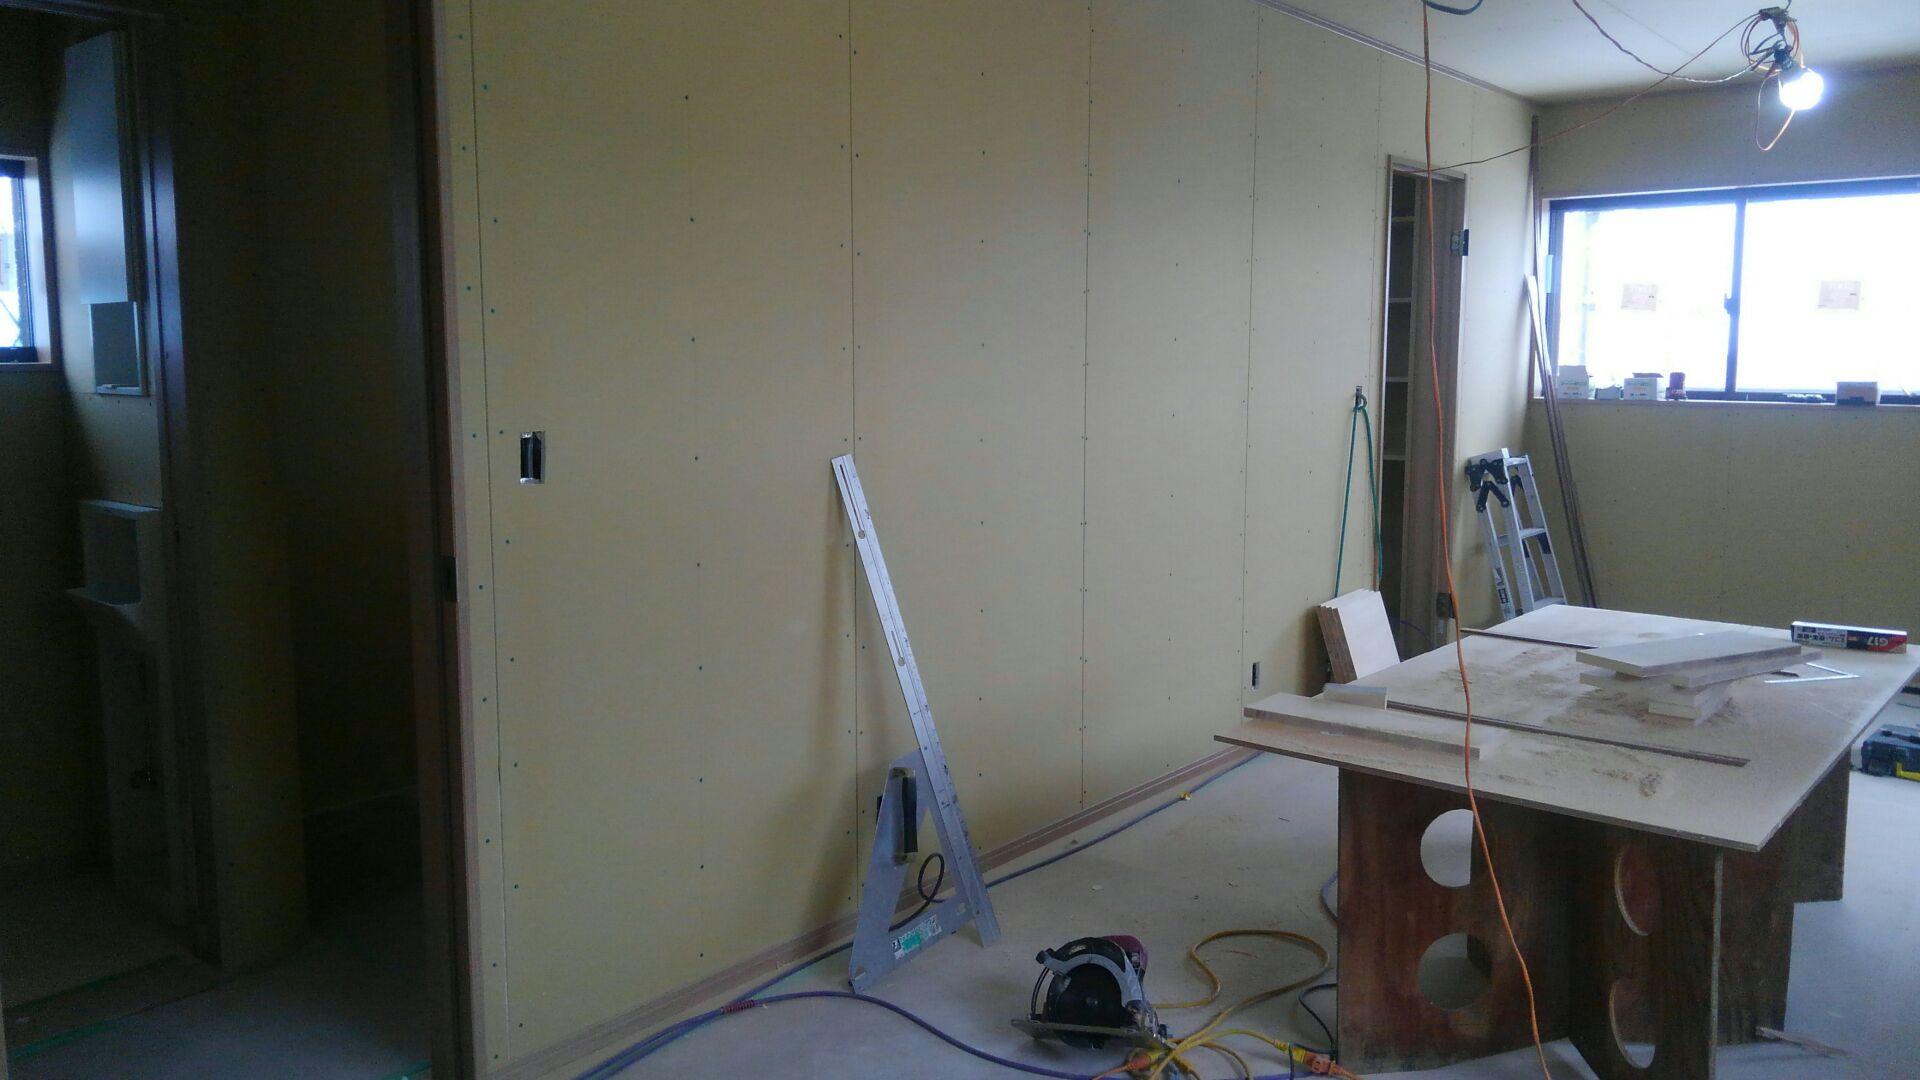 二階の子供部屋。将来間仕切りタイプ。久喜市のT様邸もそうでした。最近またこのタイプ増えてます。